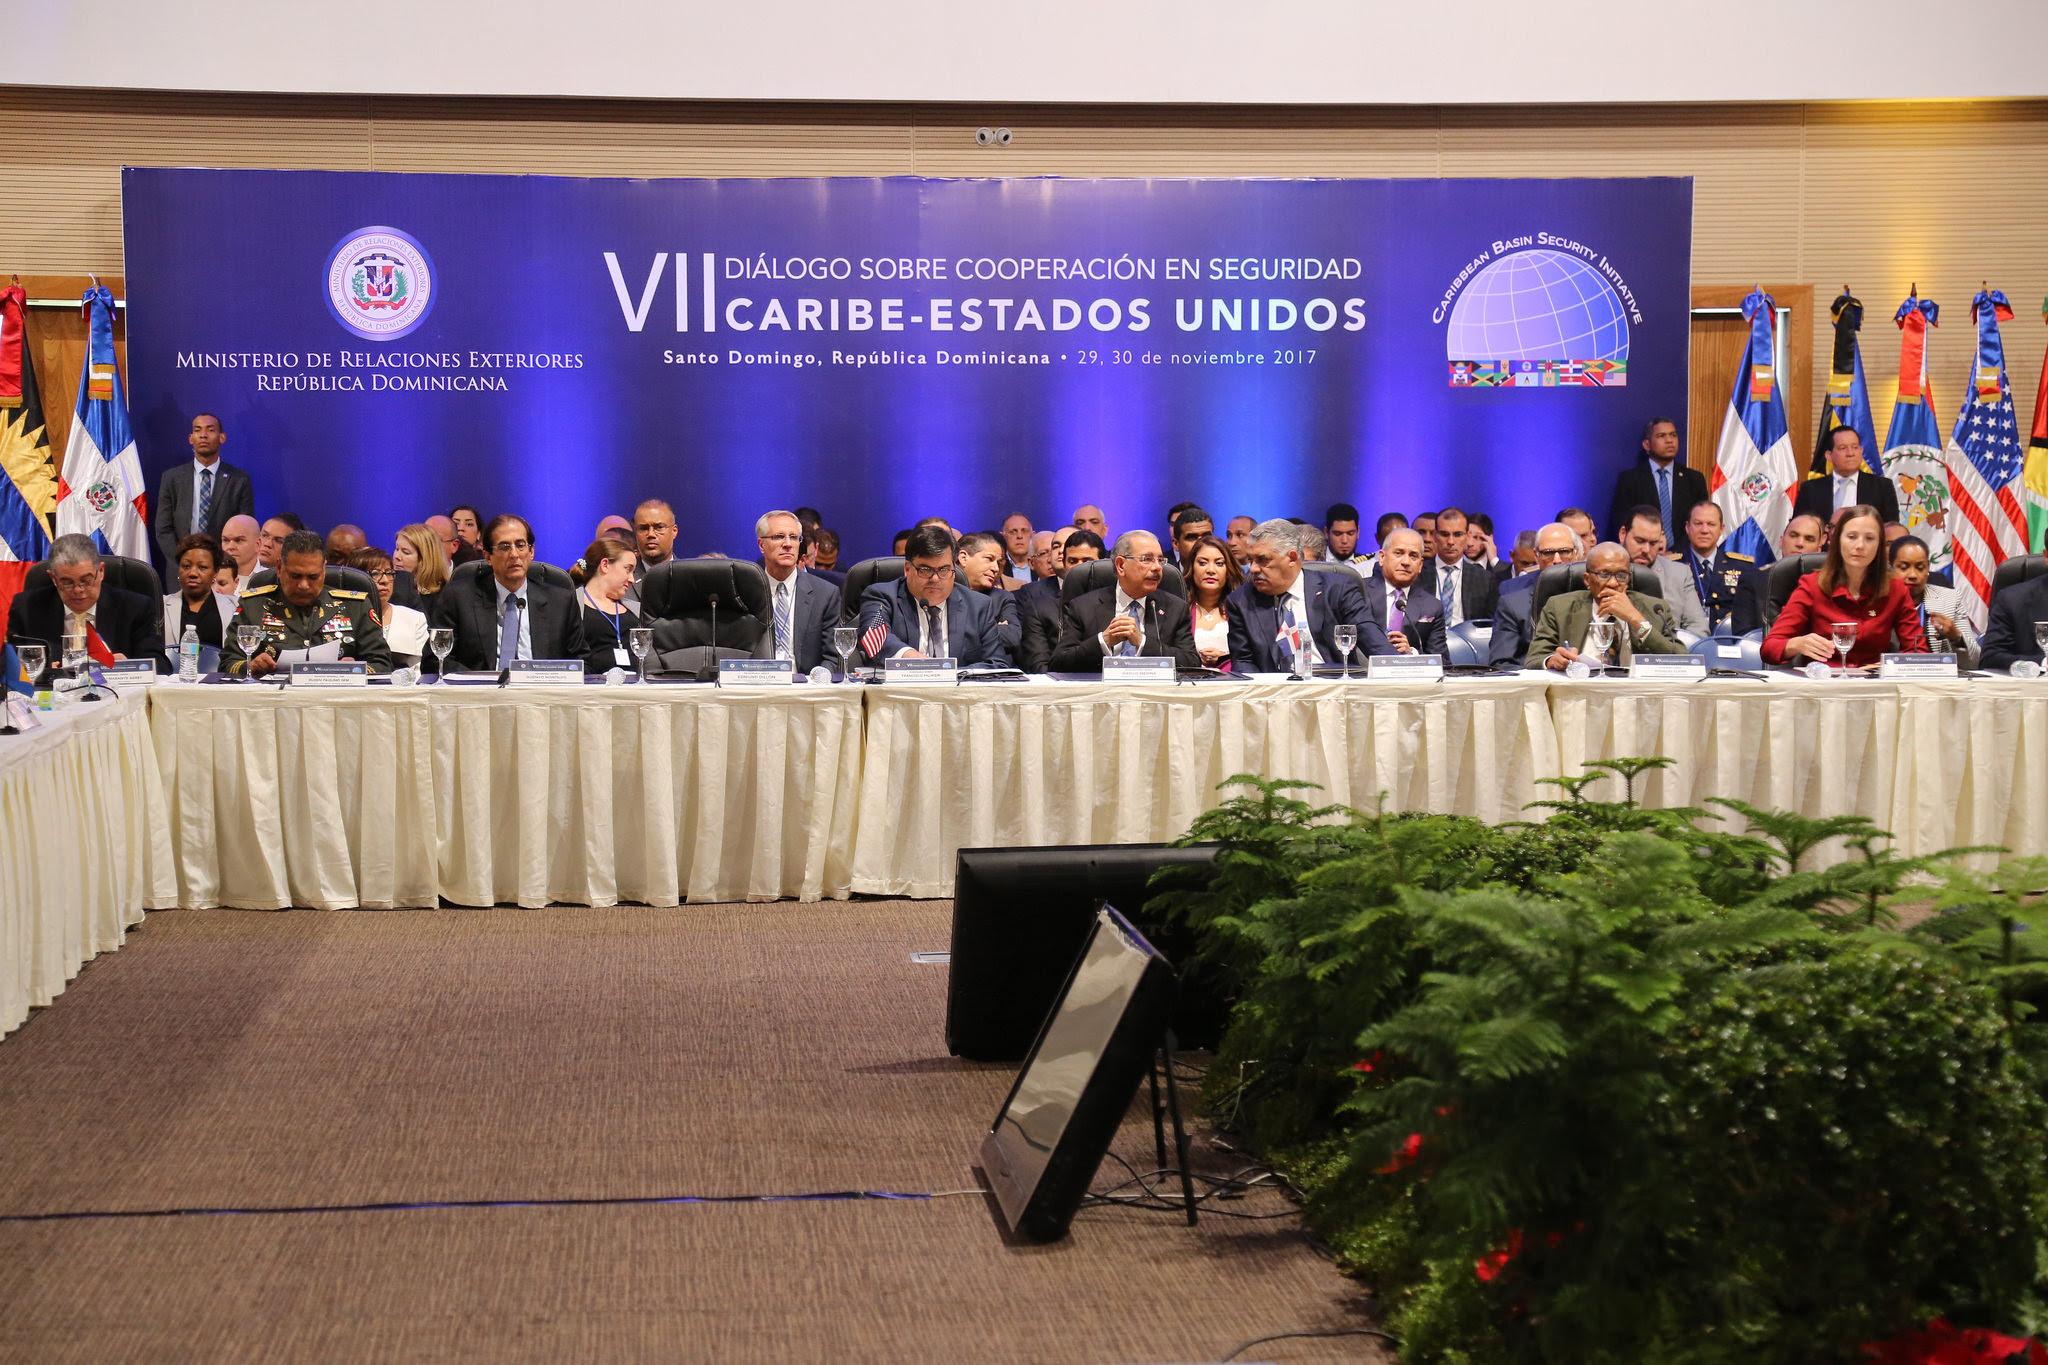 , Danilo Medina encabeza inauguración VII Diálogo sobre Cooperación en Seguridad Caribe-Estados Unidos